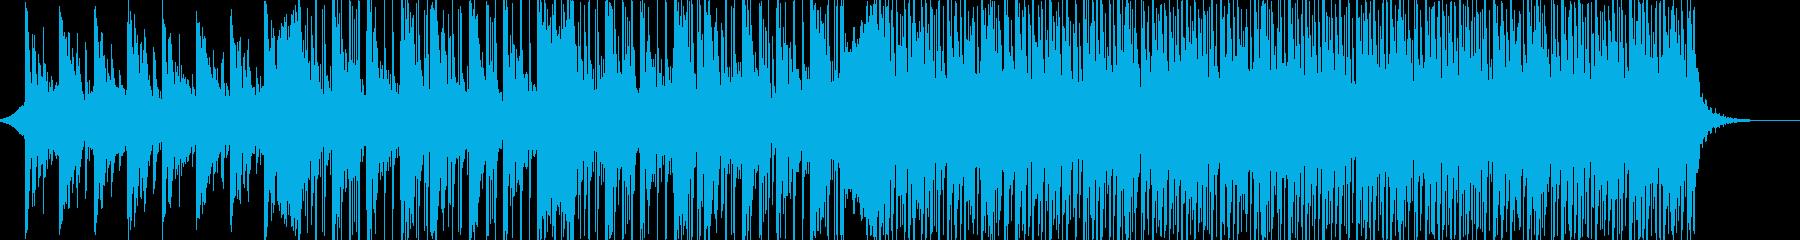 暖かくお洒落なピアノ中心の電子楽曲の再生済みの波形